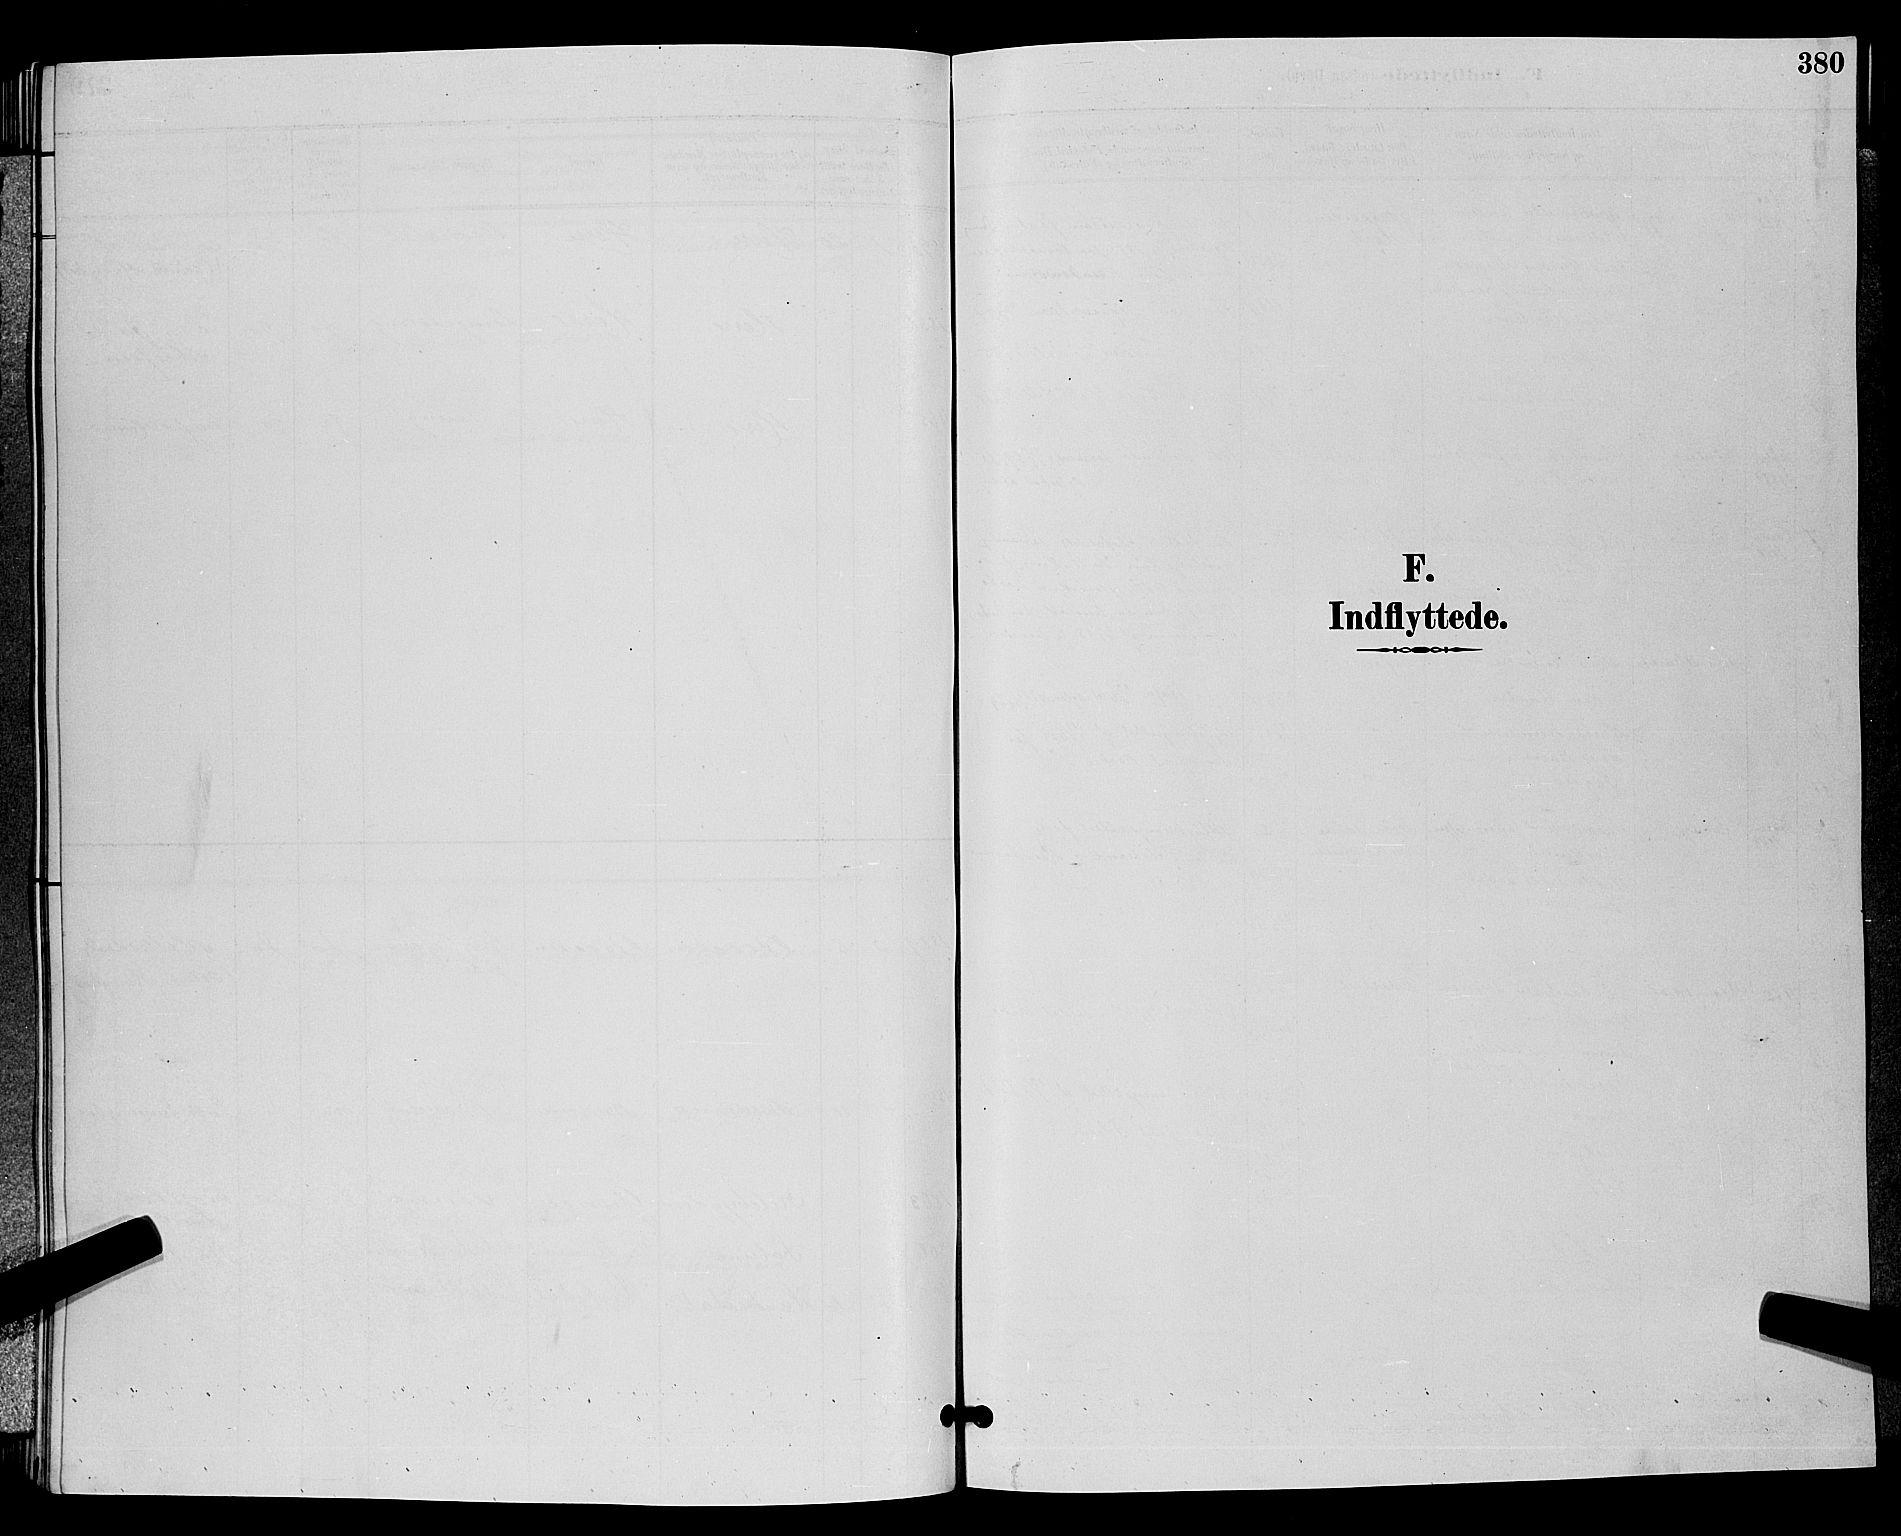 SAKO, Bamble kirkebøker, G/Ga/L0009: Klokkerbok nr. I 9, 1888-1900, s. 380